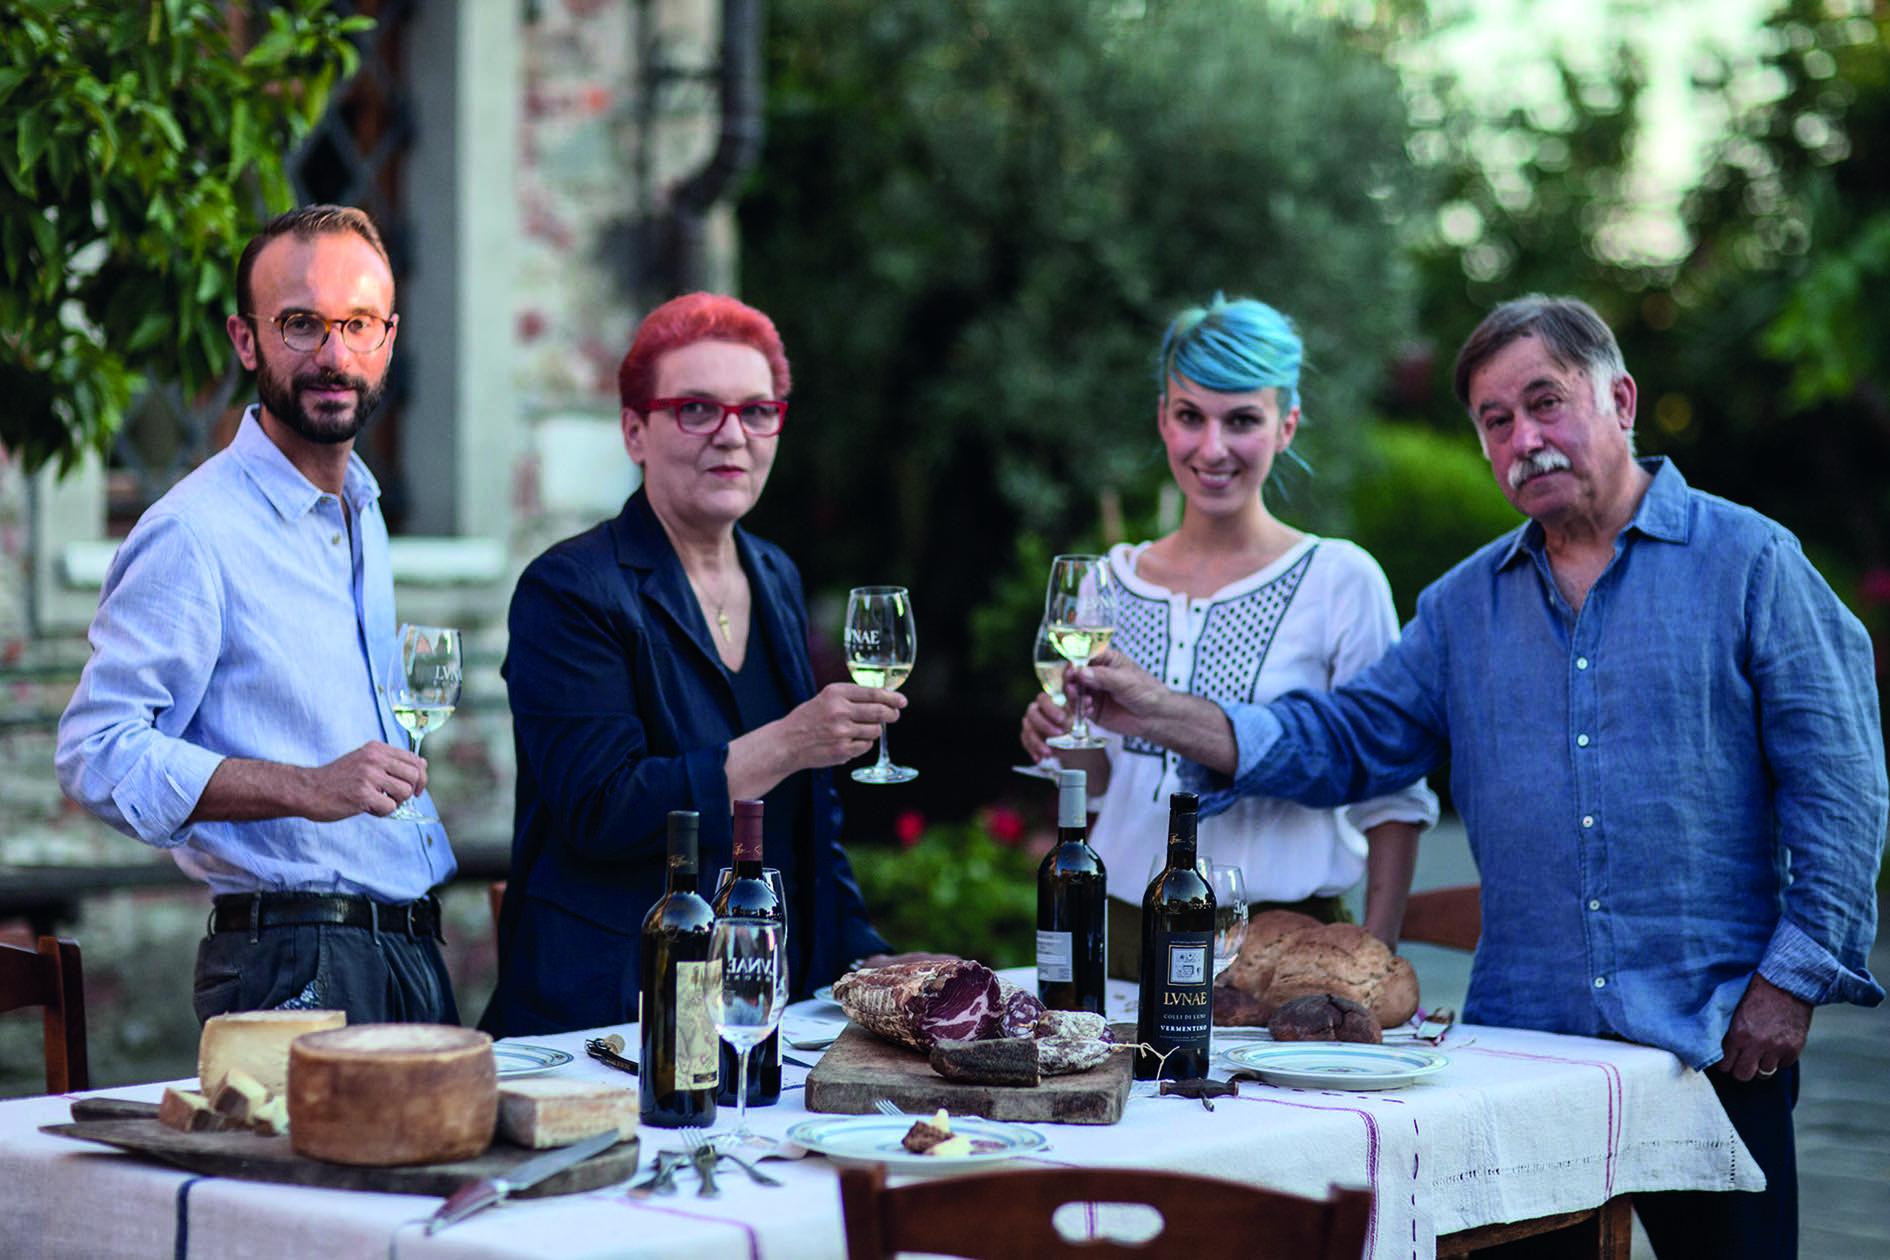 Cantine lunae bosoni bagno alcione forte dei marmi sabato 15 luglio 2017 god save the wine - Bagno alcione forte dei marmi prezzi ...